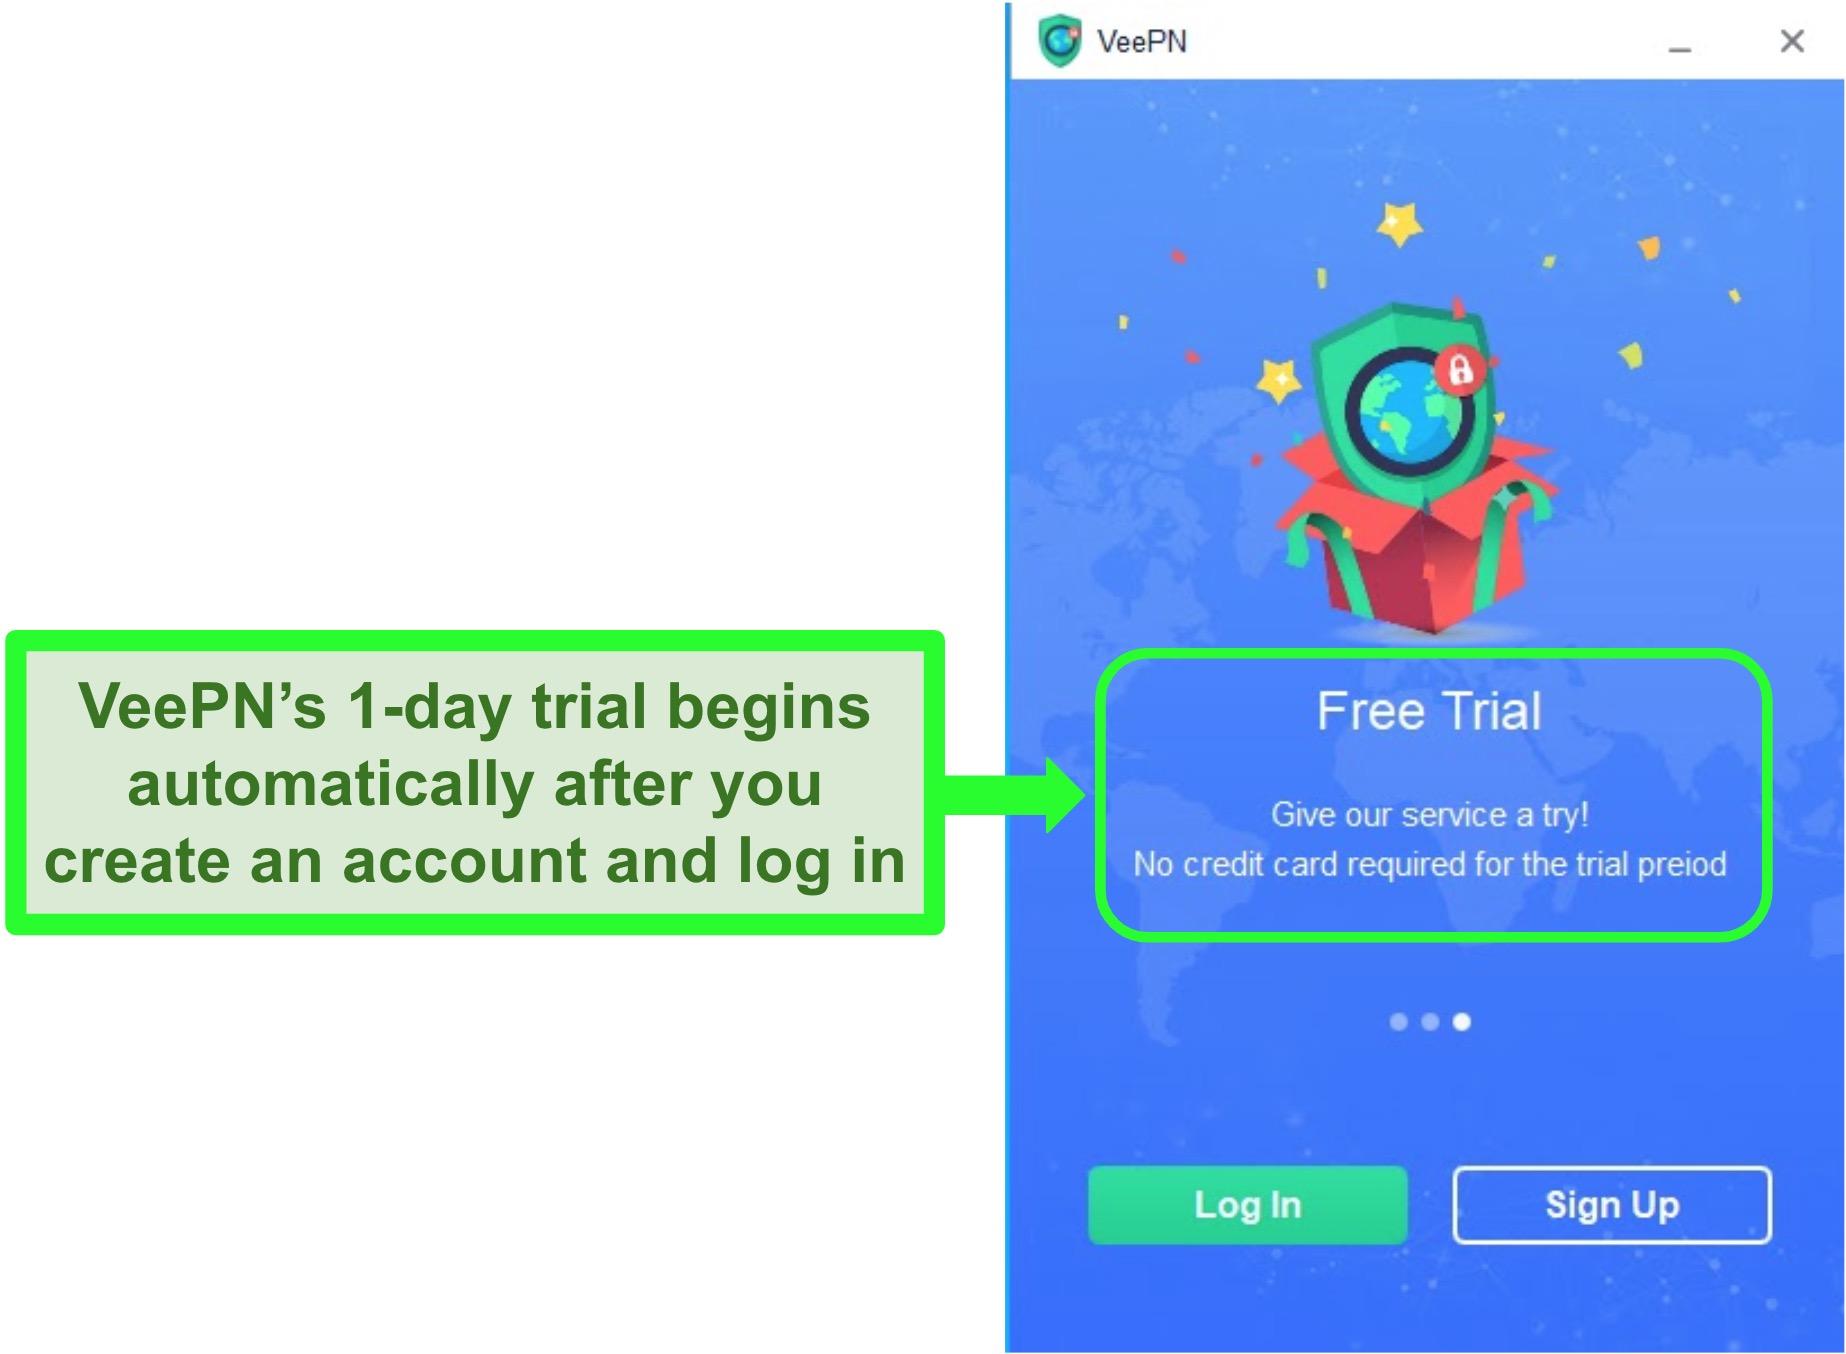 Screenshot of the start screen of VeePN's Windows app